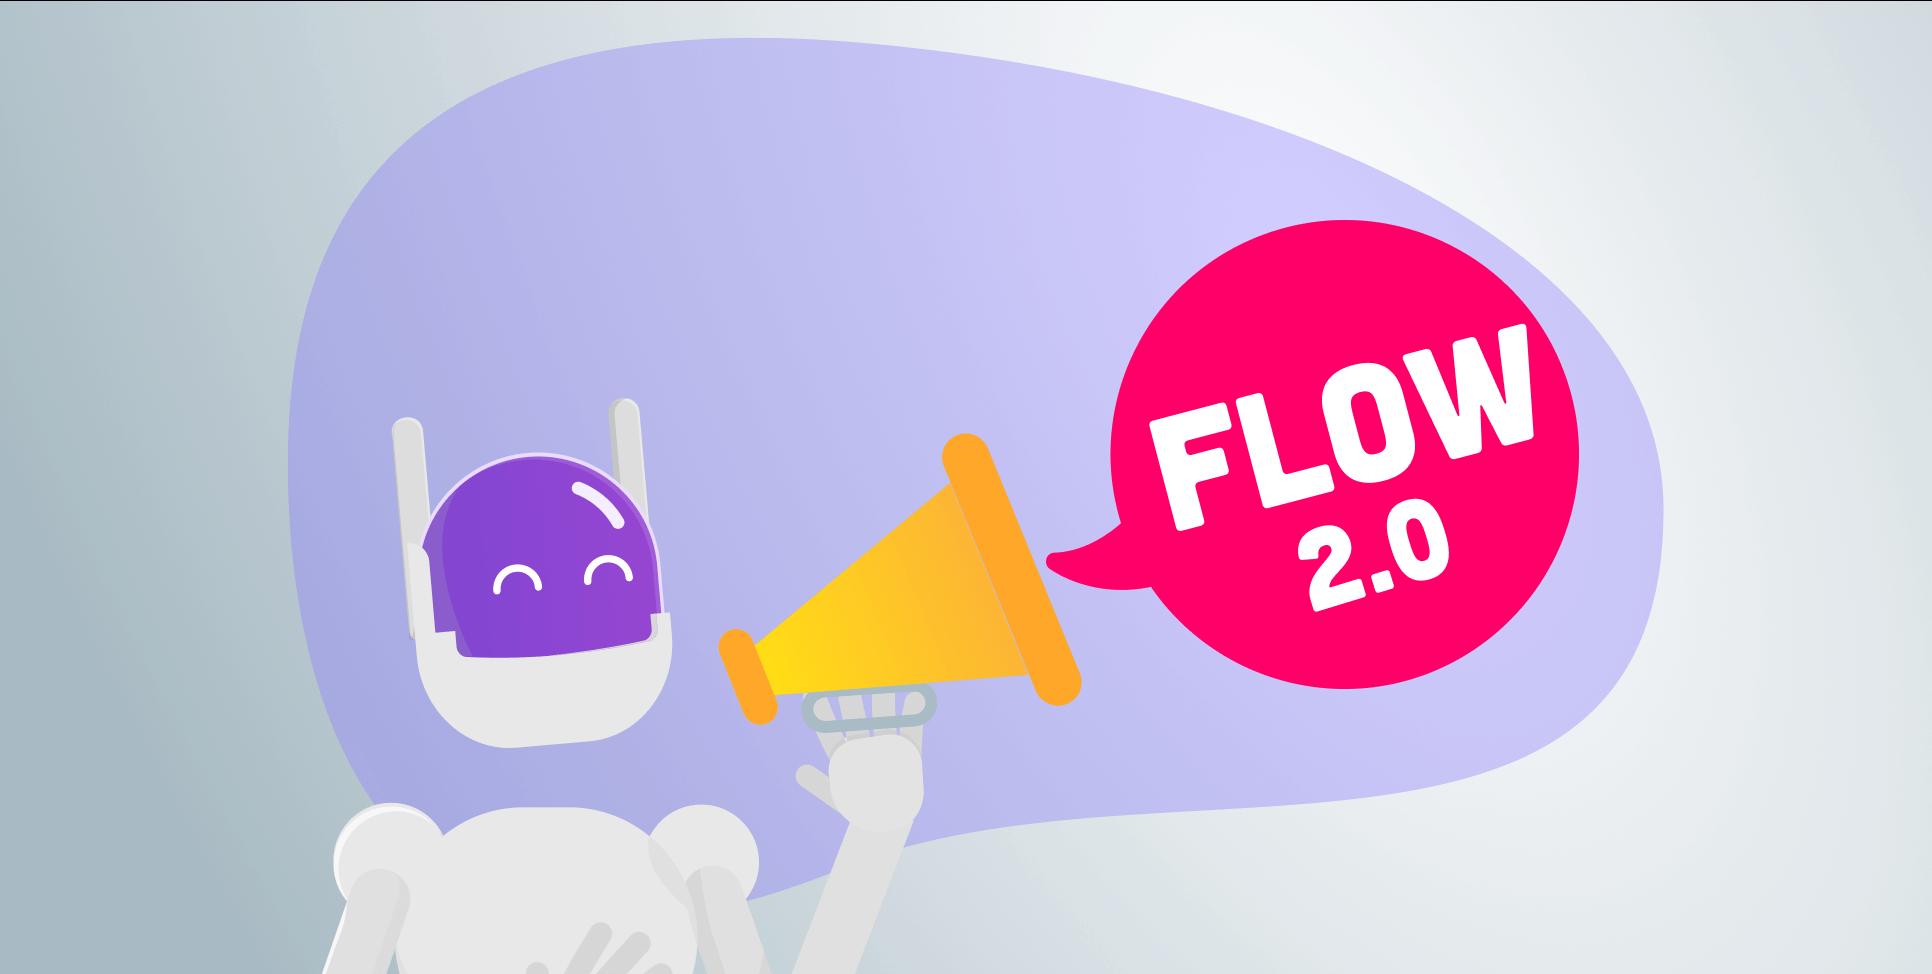 Dê boas vindas para as mudanças! Apresentamos o Flow 2.0!